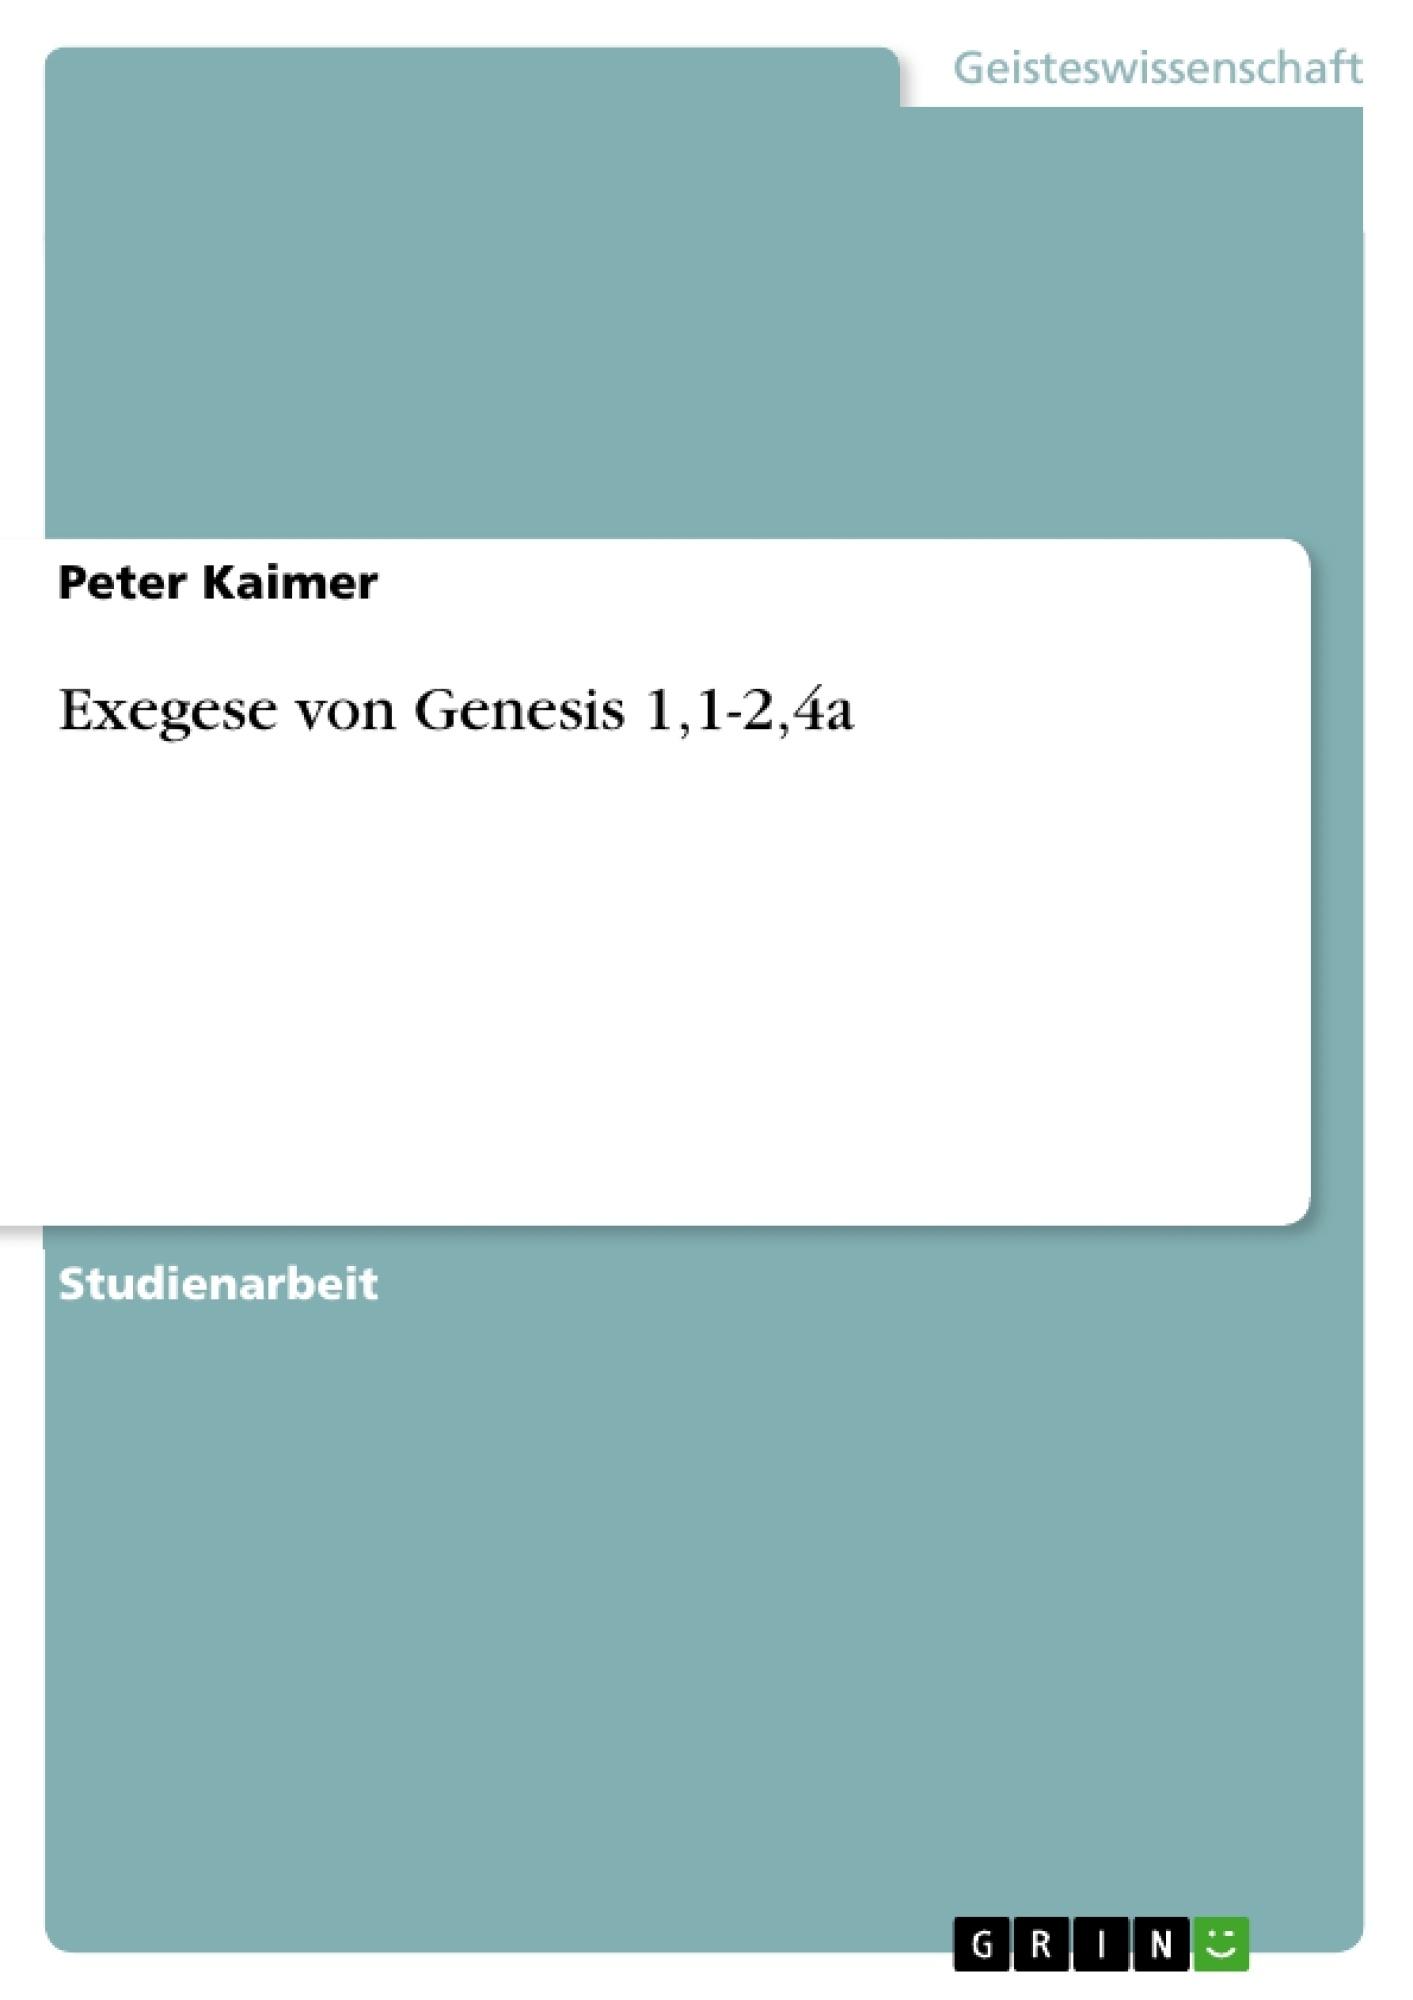 Titel: Exegese von Genesis 1,1-2,4a